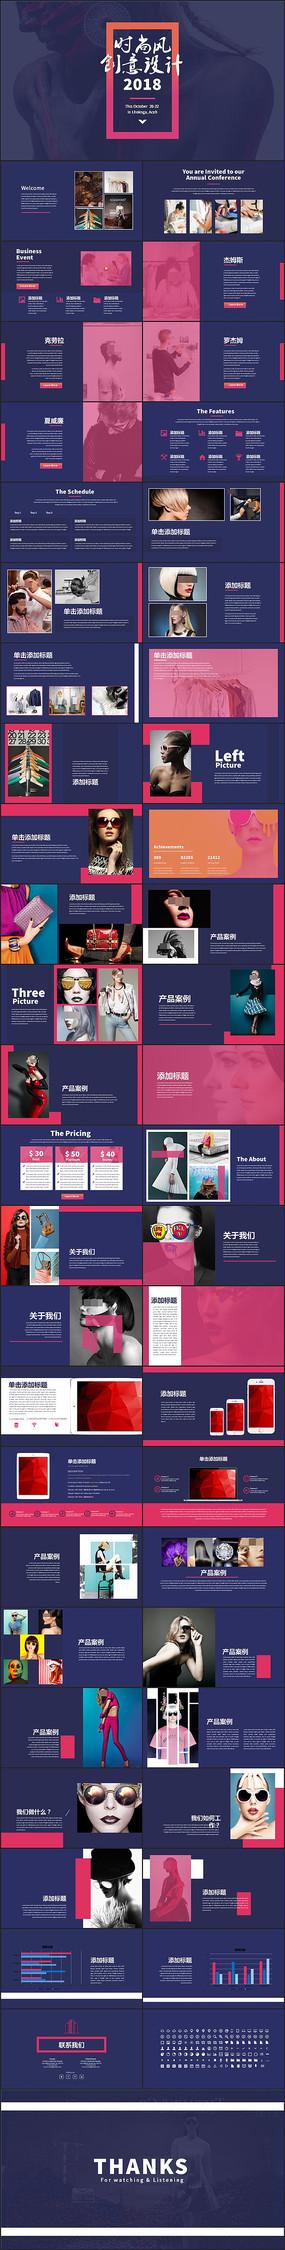 时尚设计时尚品牌宣传PPT